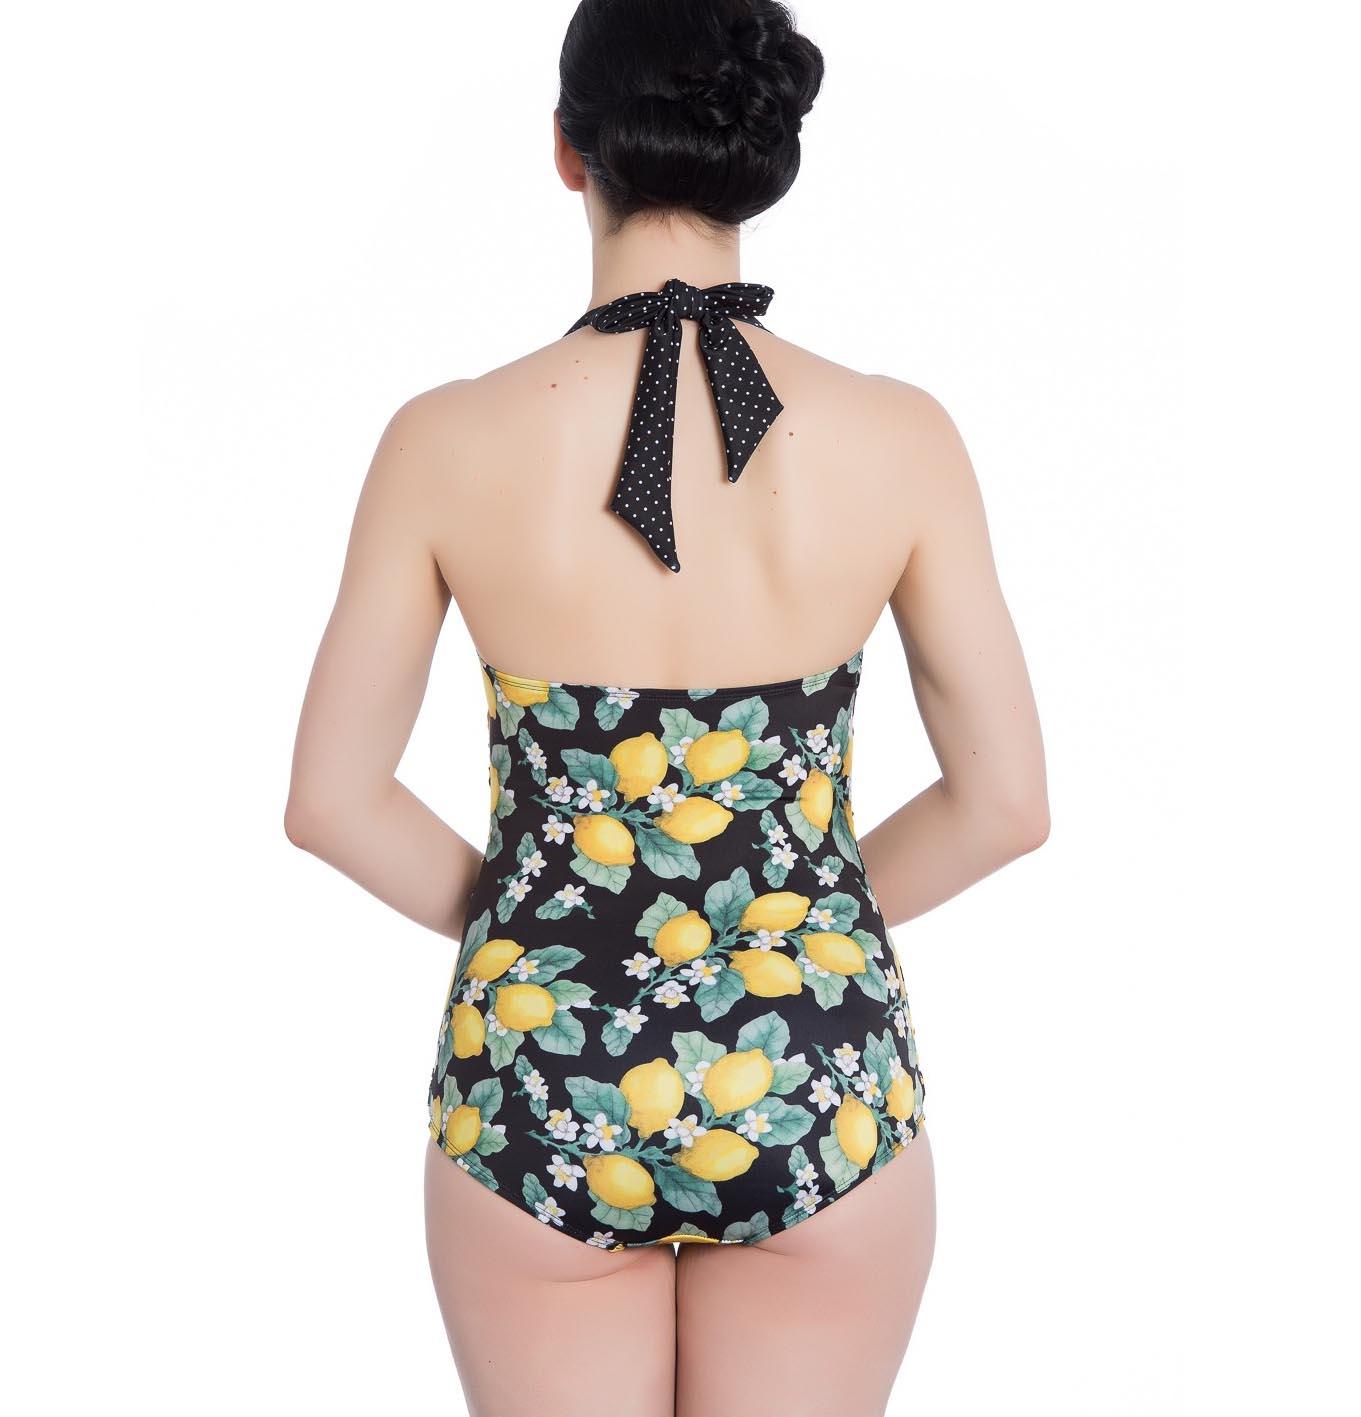 Hell-Bunny-Halterneck-50s-Black-LEMONADE-Swimsuit-Lemons-Polka-Dot-All-Sizes thumbnail 5